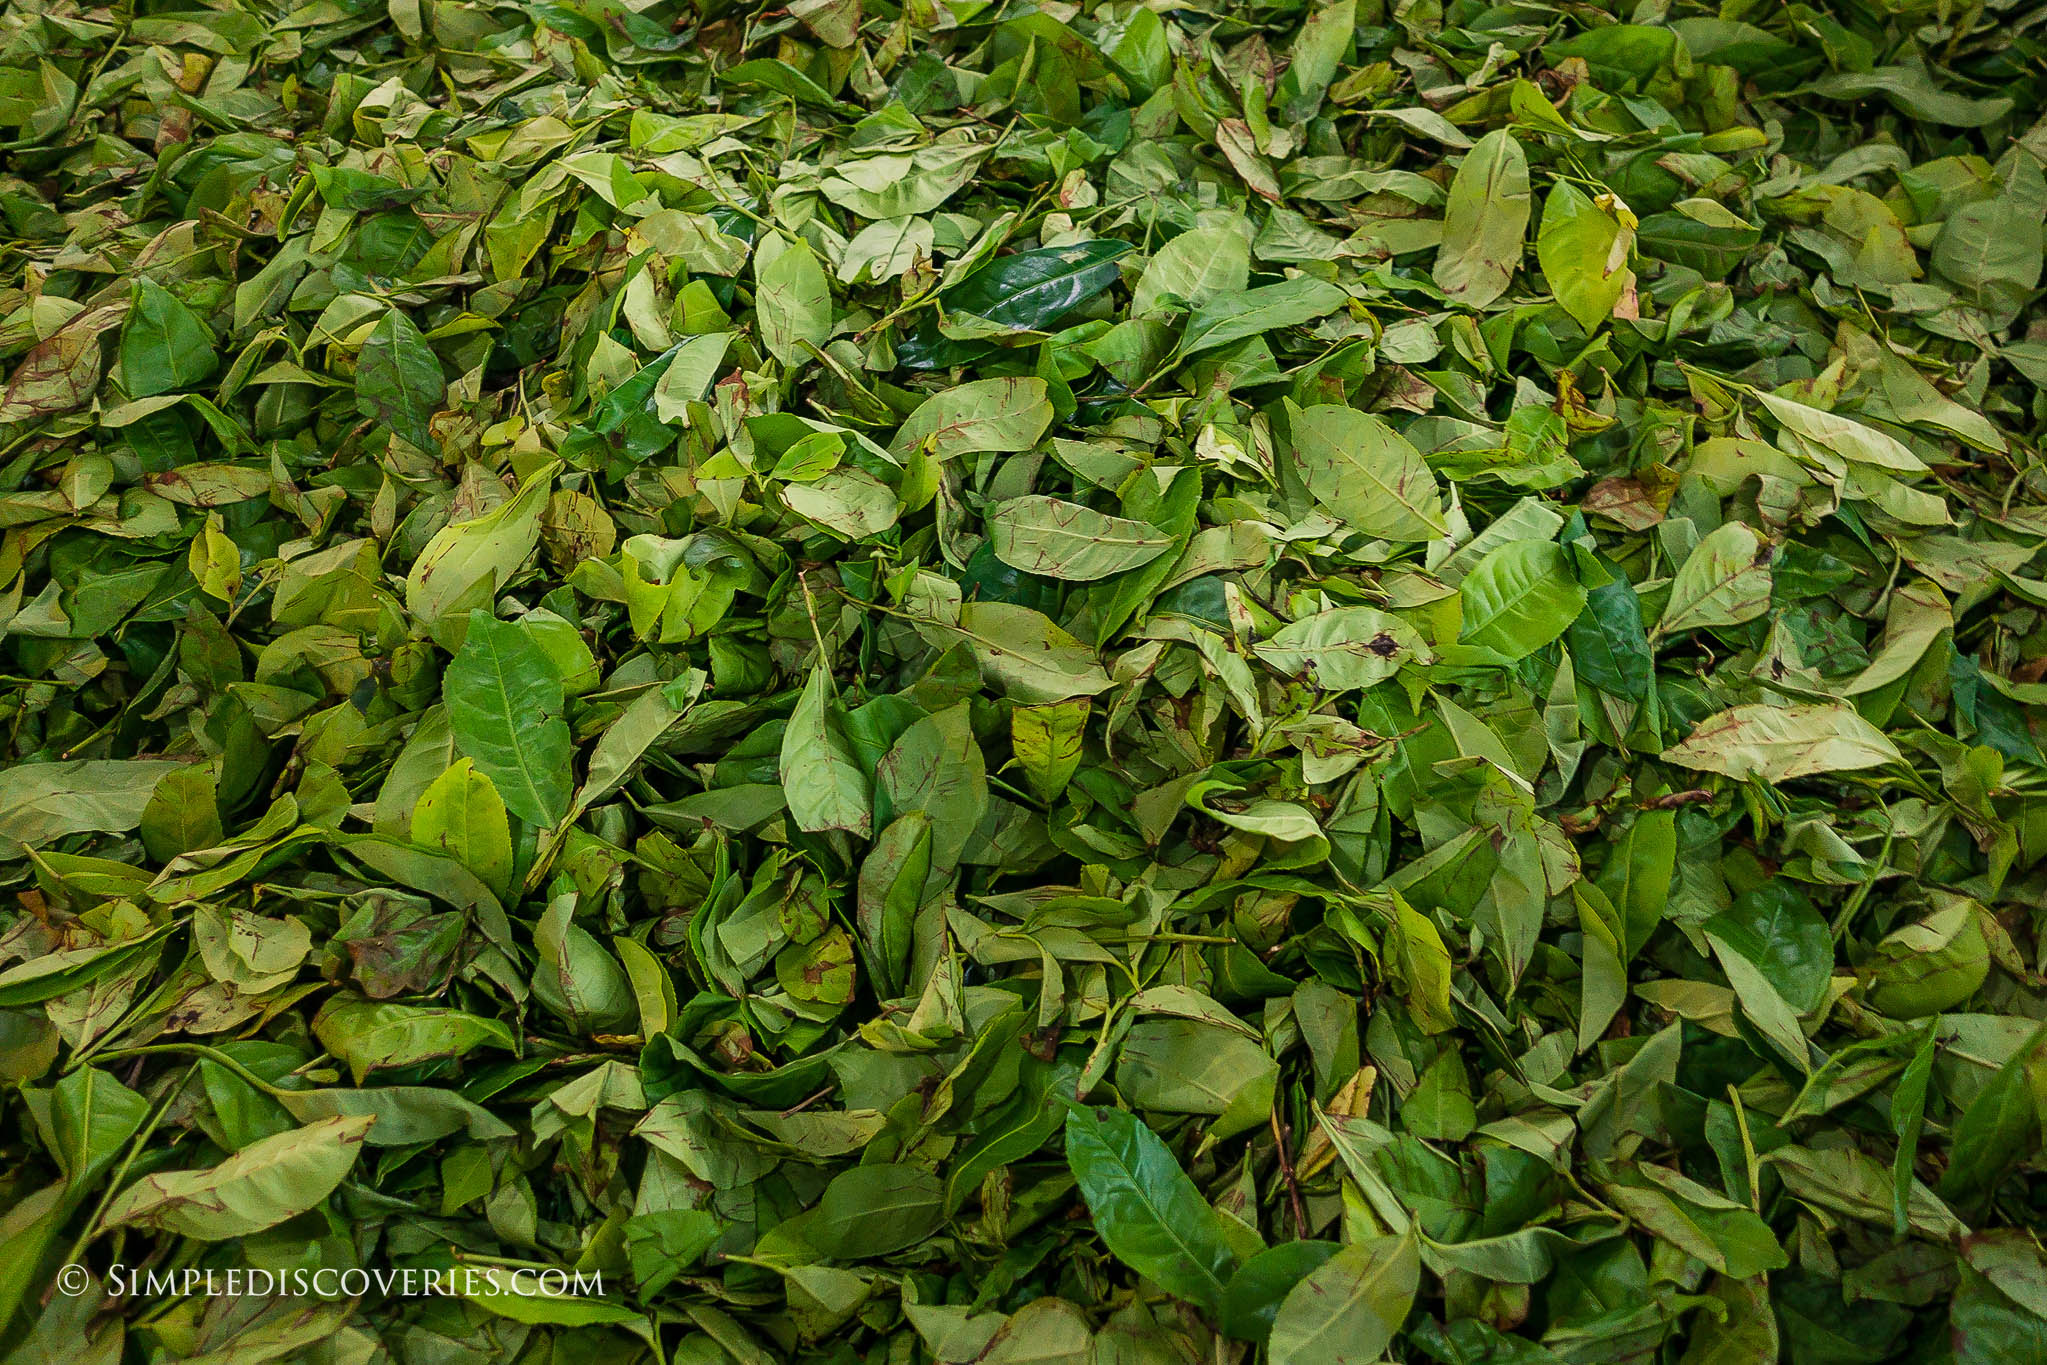 srilanka_tea_leaves